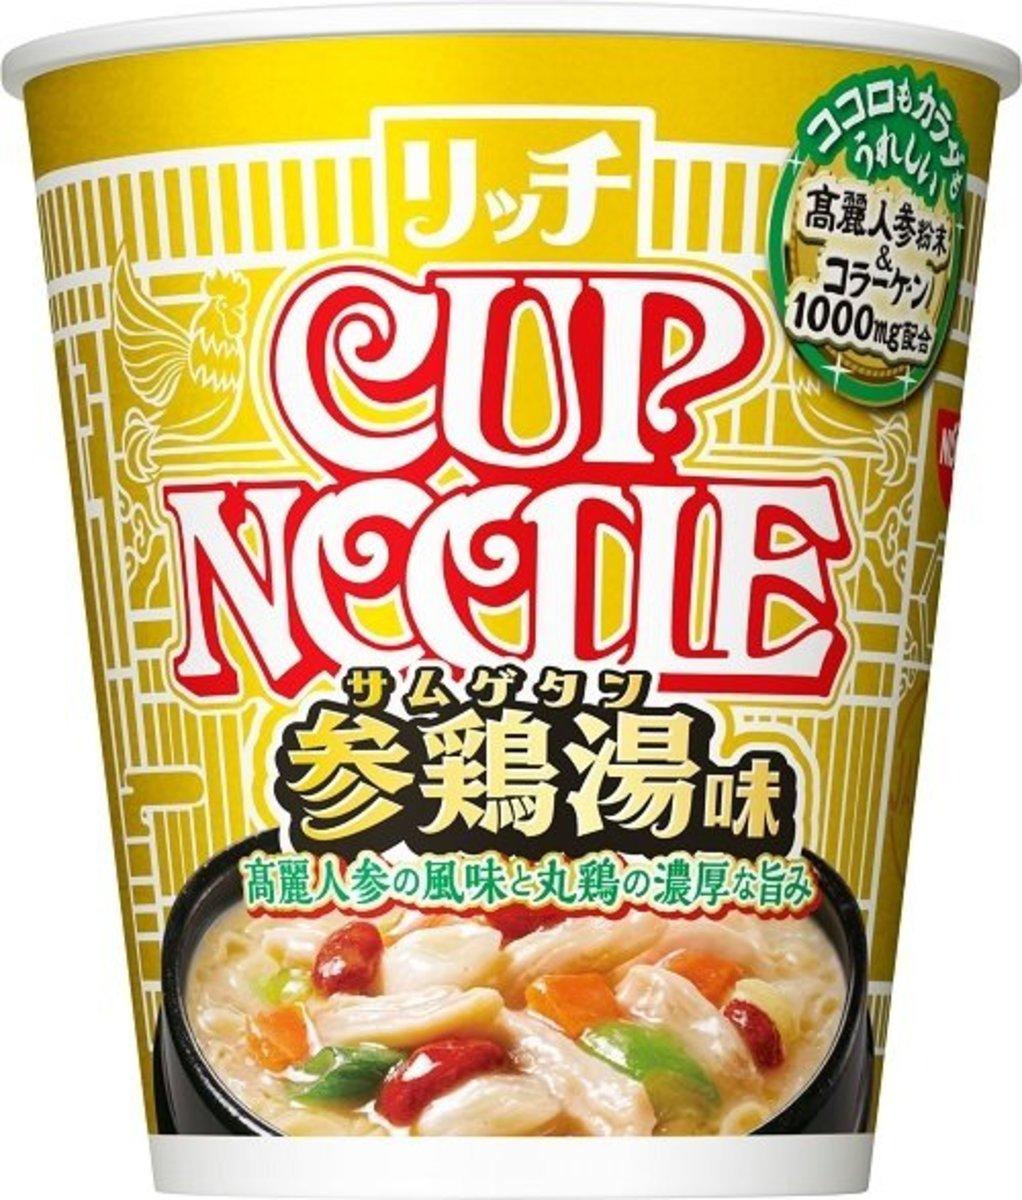 Japan Korean Ginseng Chicken Soup Flavour Cup Noodle x 6pcs